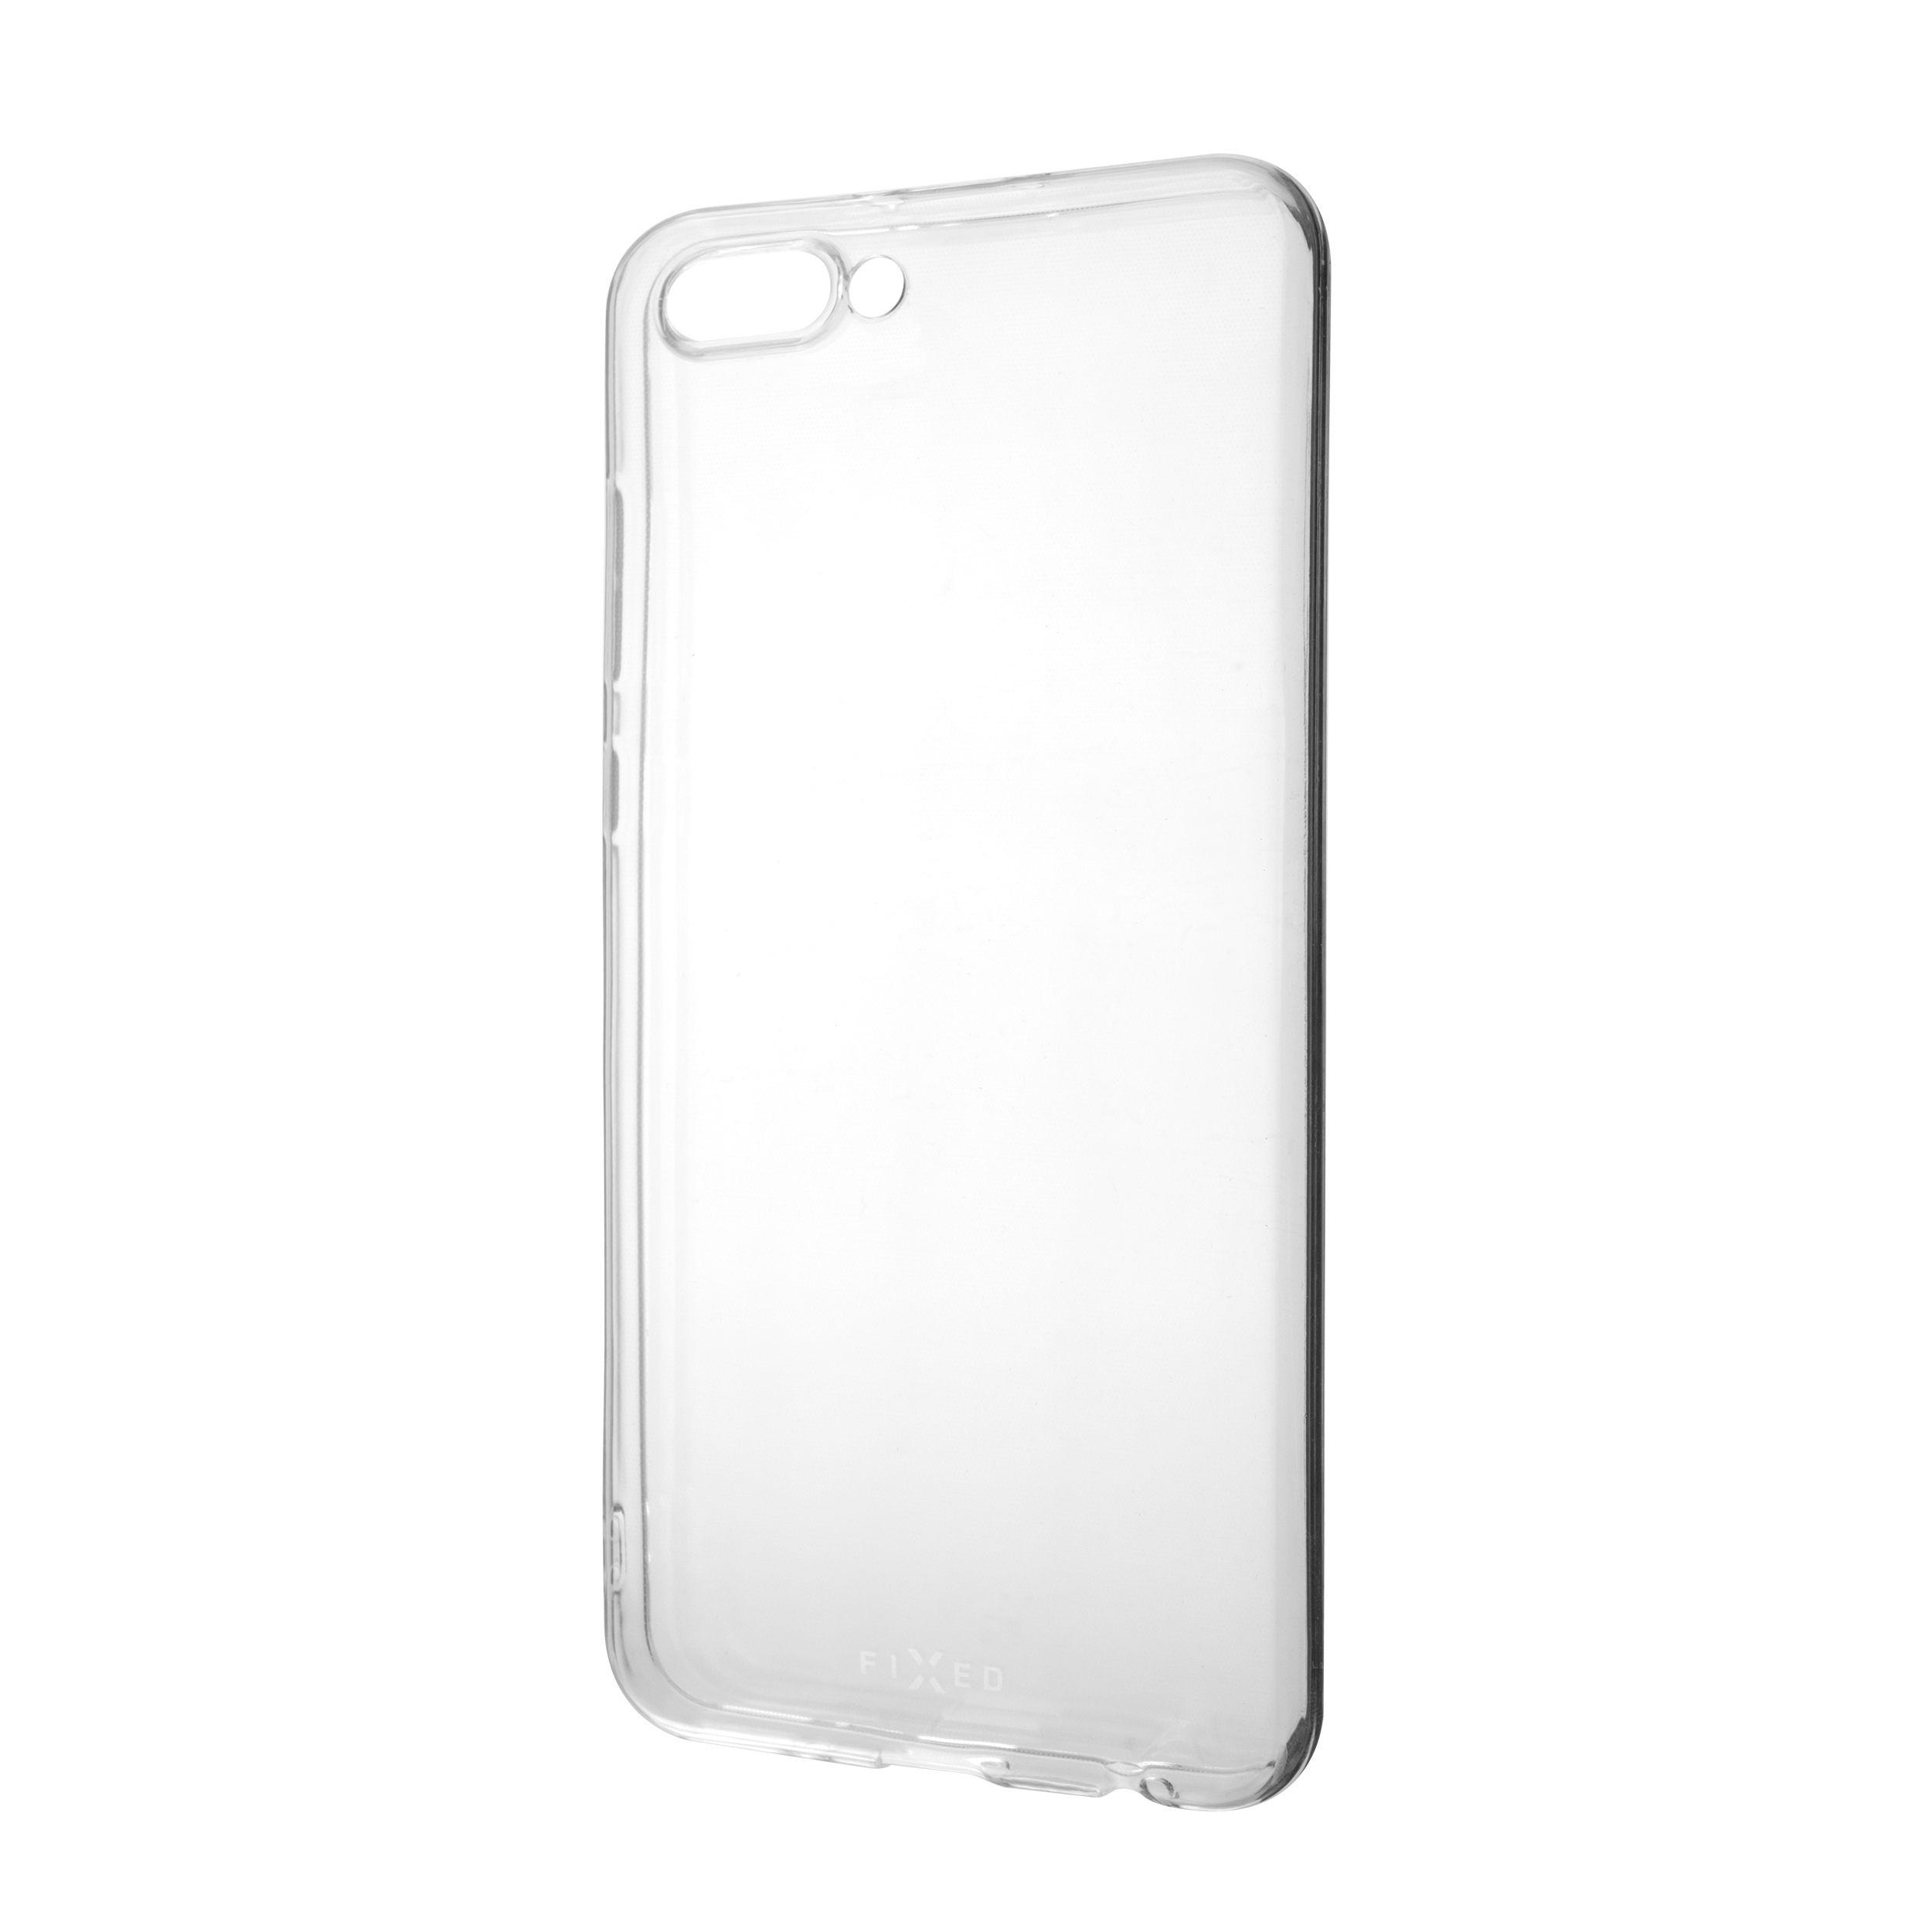 Ultratenké TPU gelové pouzdro FIXED Skin pro Honor View 10, 0,6 mm, čiré